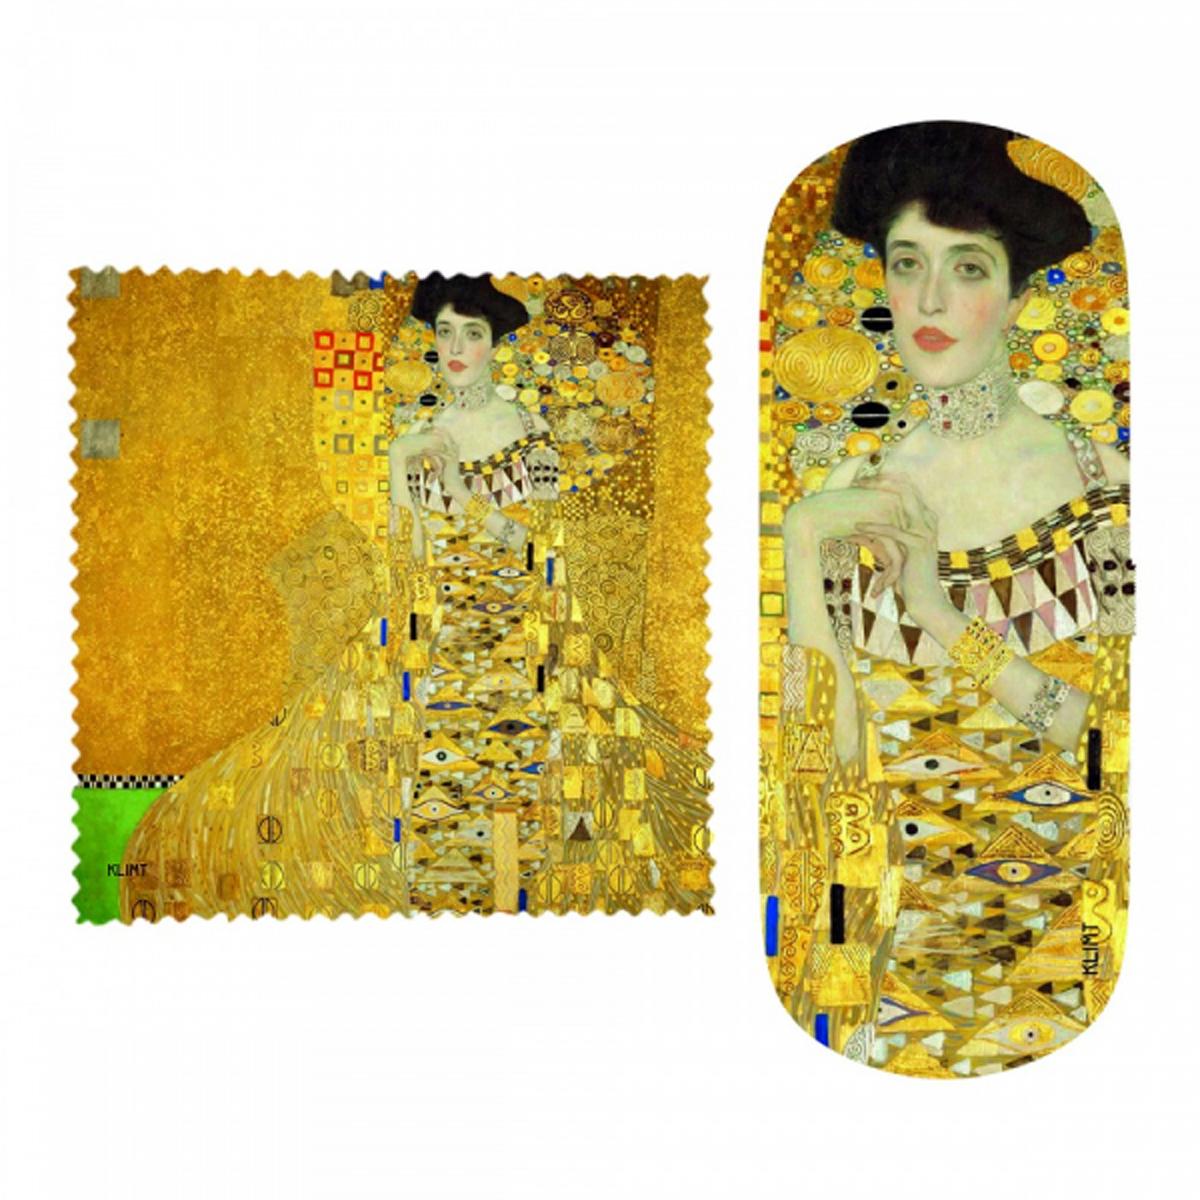 Etui à lunettes \'Gustav Klimt\' (Adèle) - 16x6x36 cm - [R2010]